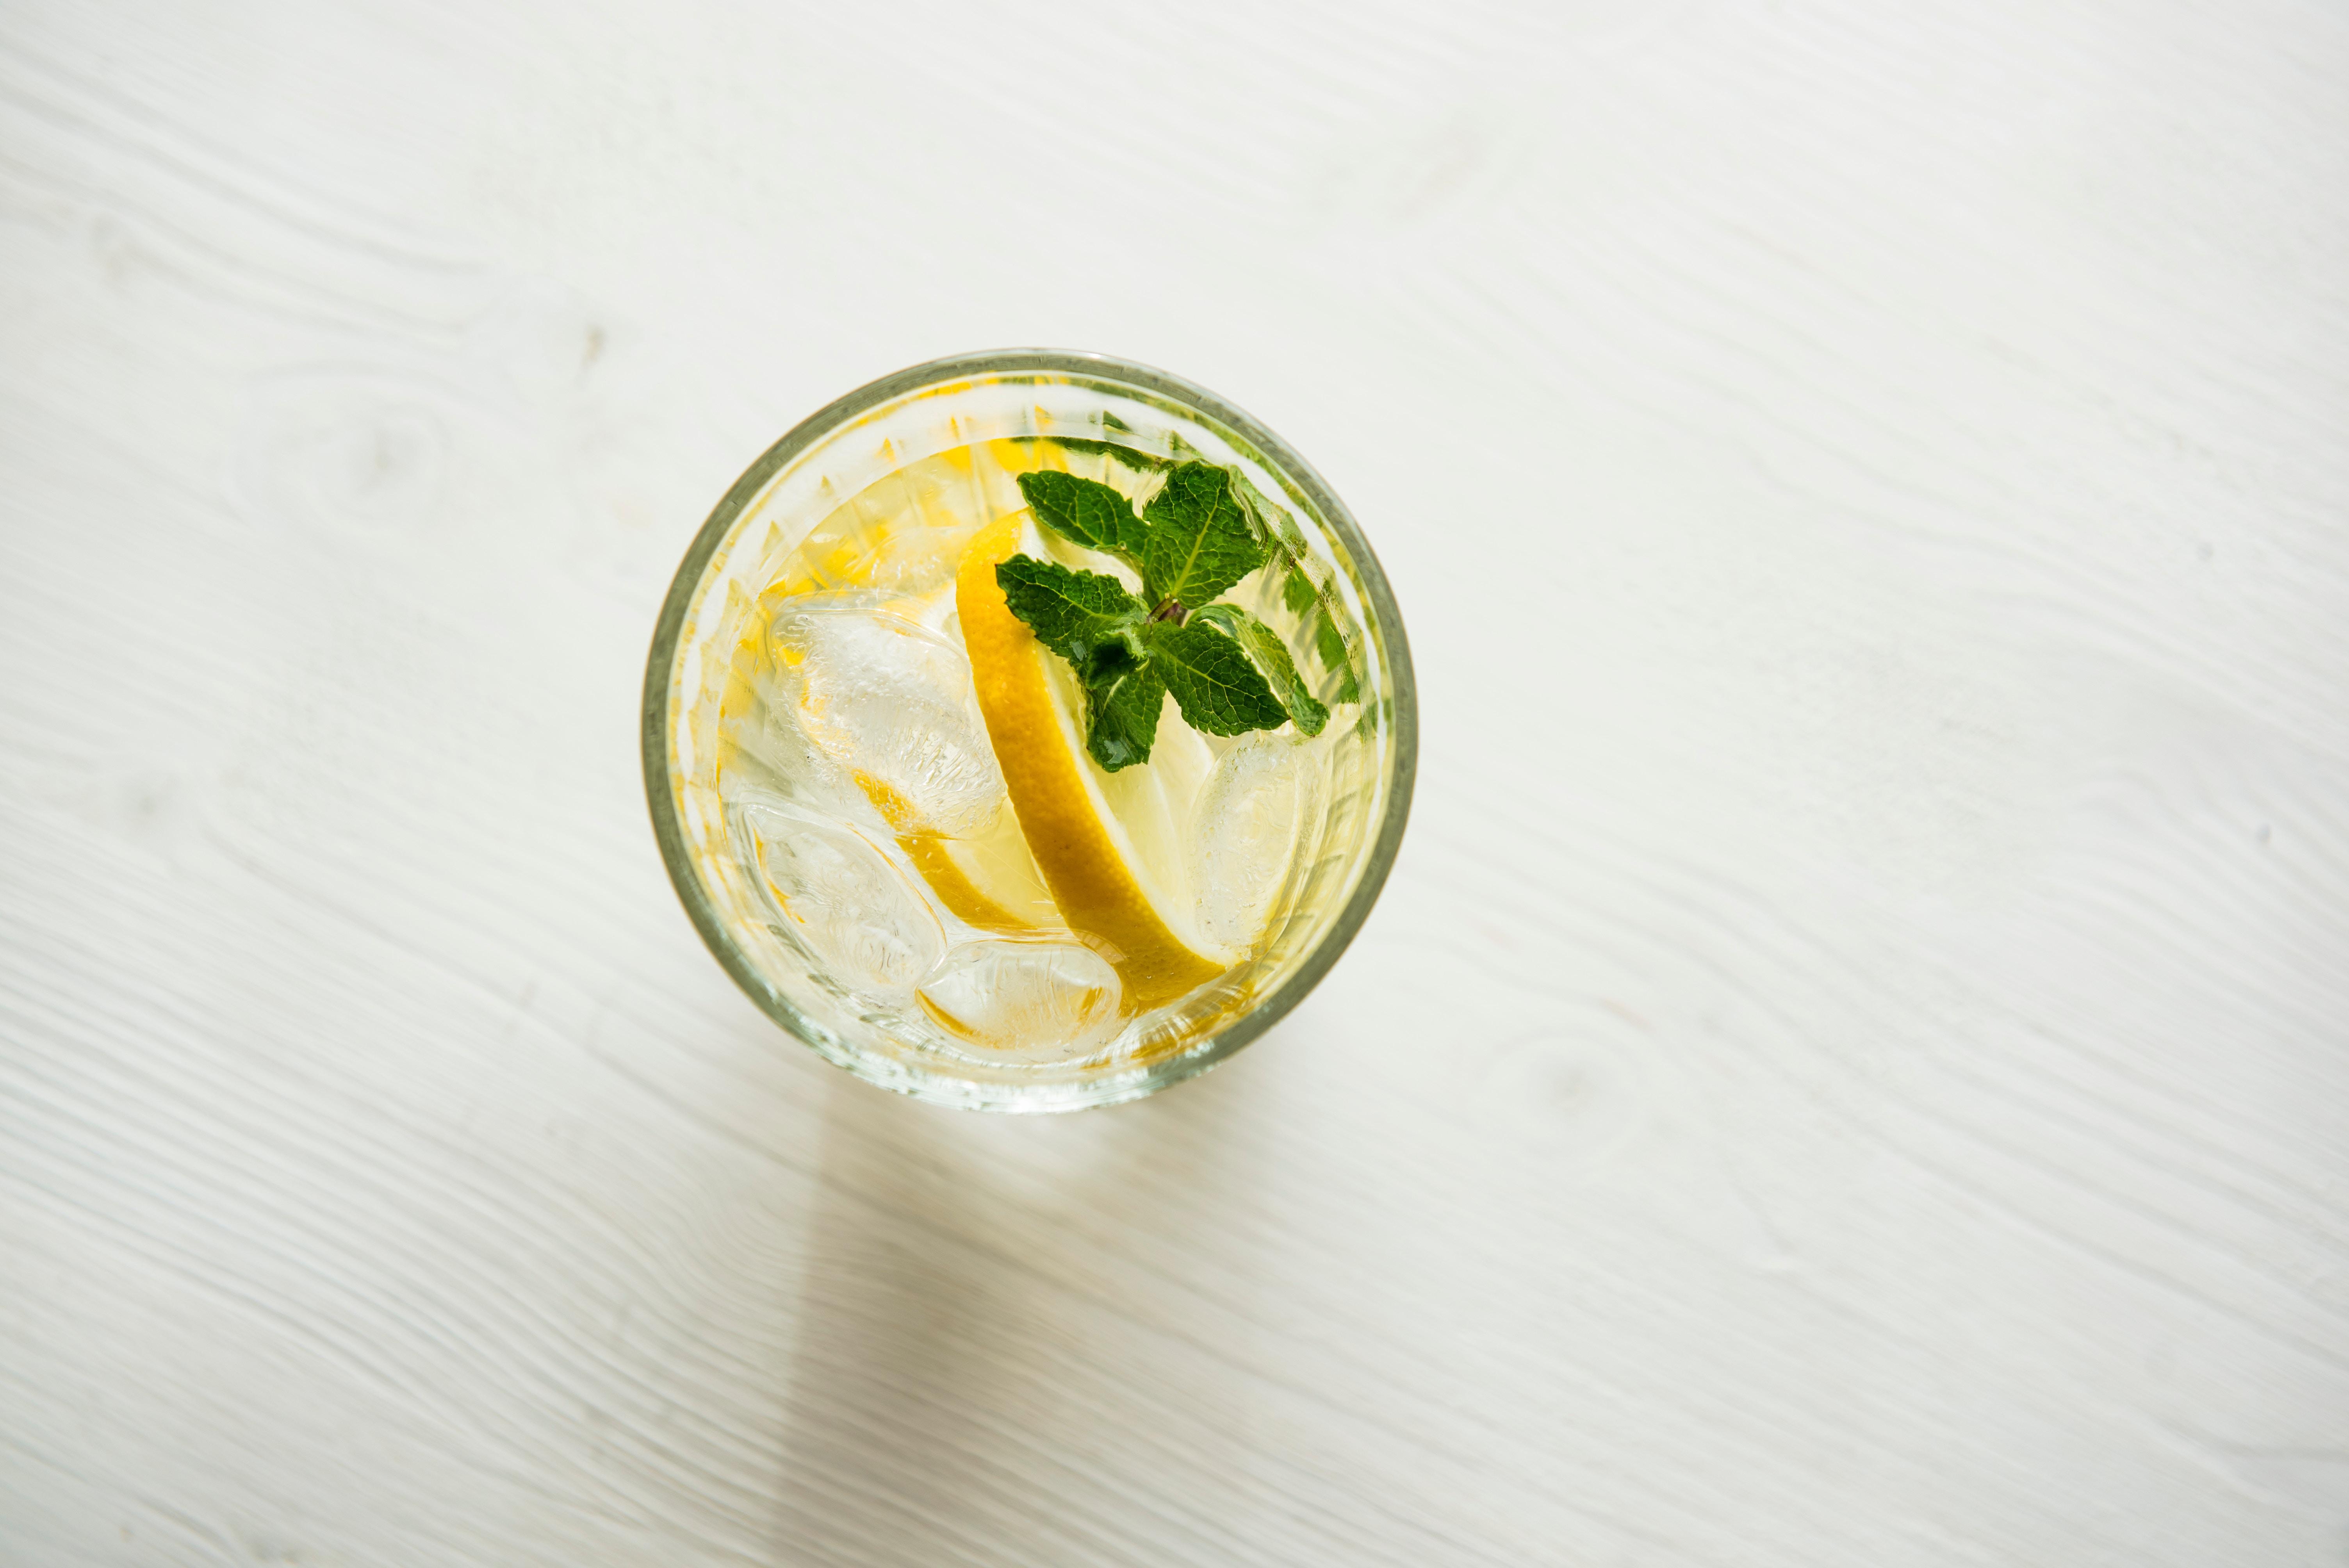 Ein Glas Wasser mit einer Zitrone